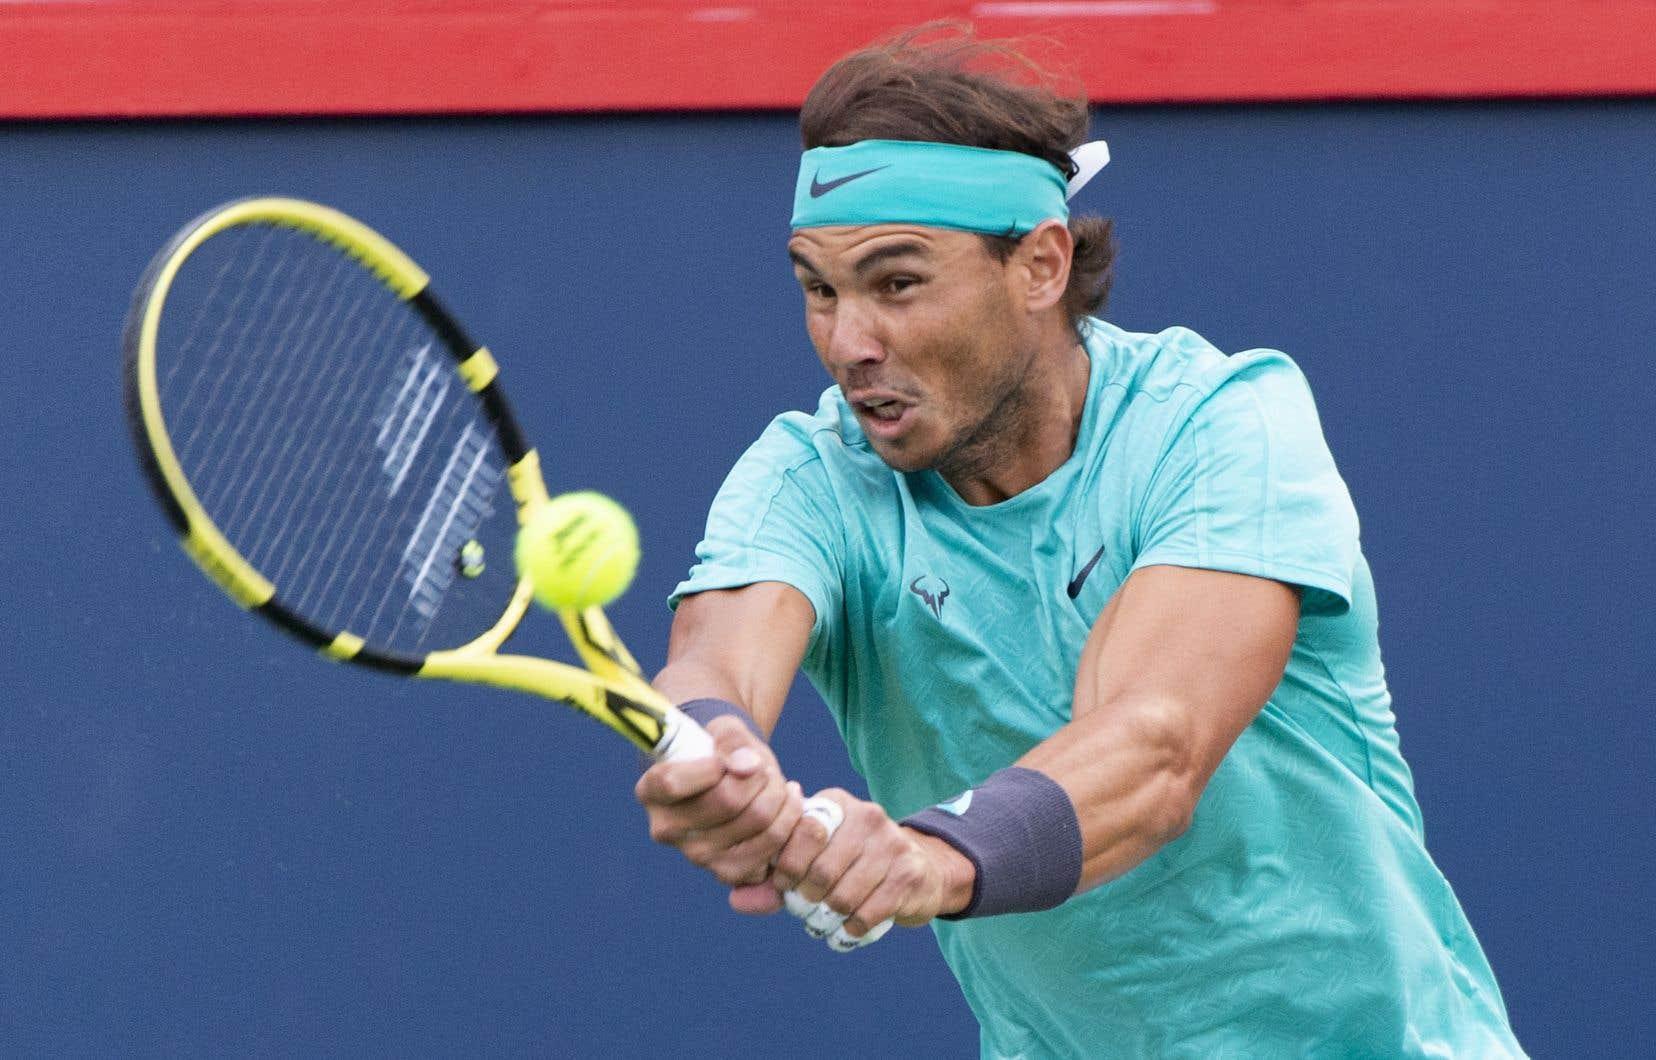 « [Fabio Fognini] est un adversaire dangereux pour tout le monde, et il connaît une belle saison — il a gagné un tournoi Masters 1000 —, tout comme moi. Mais je suis très satisfait, car aujourd'hui c'est moi qui l'ai emporté », a souligné Rafael Nadal.